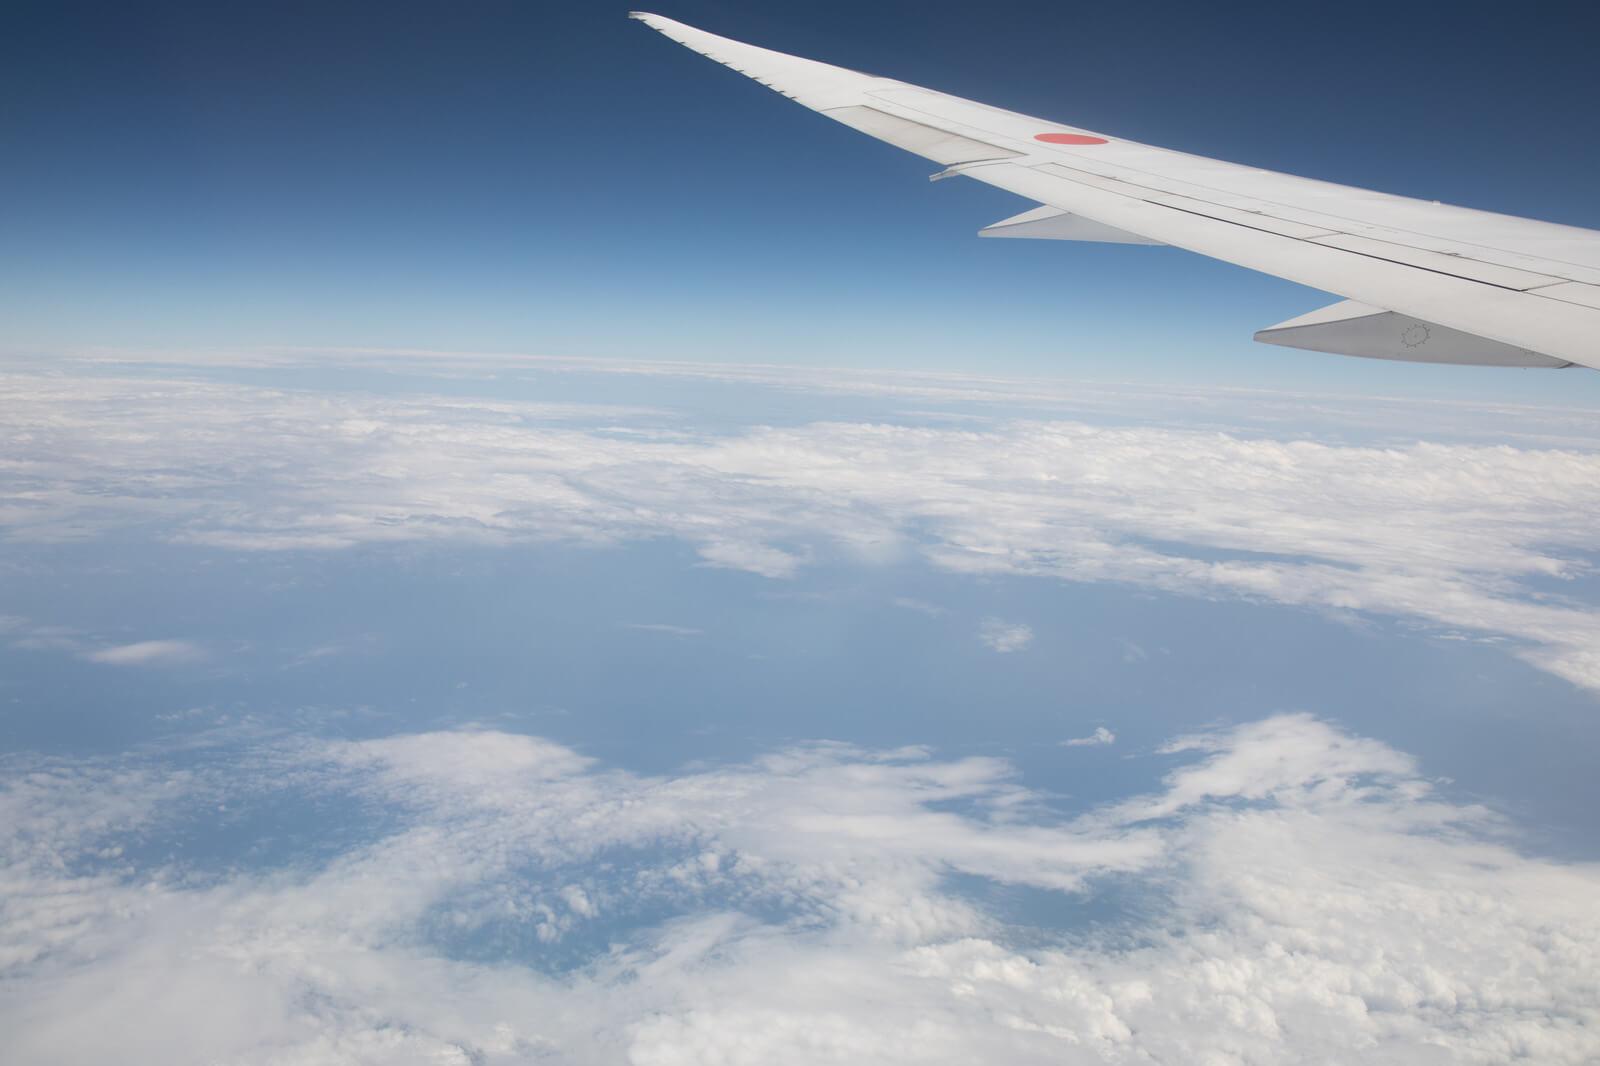 飛行機から見える空